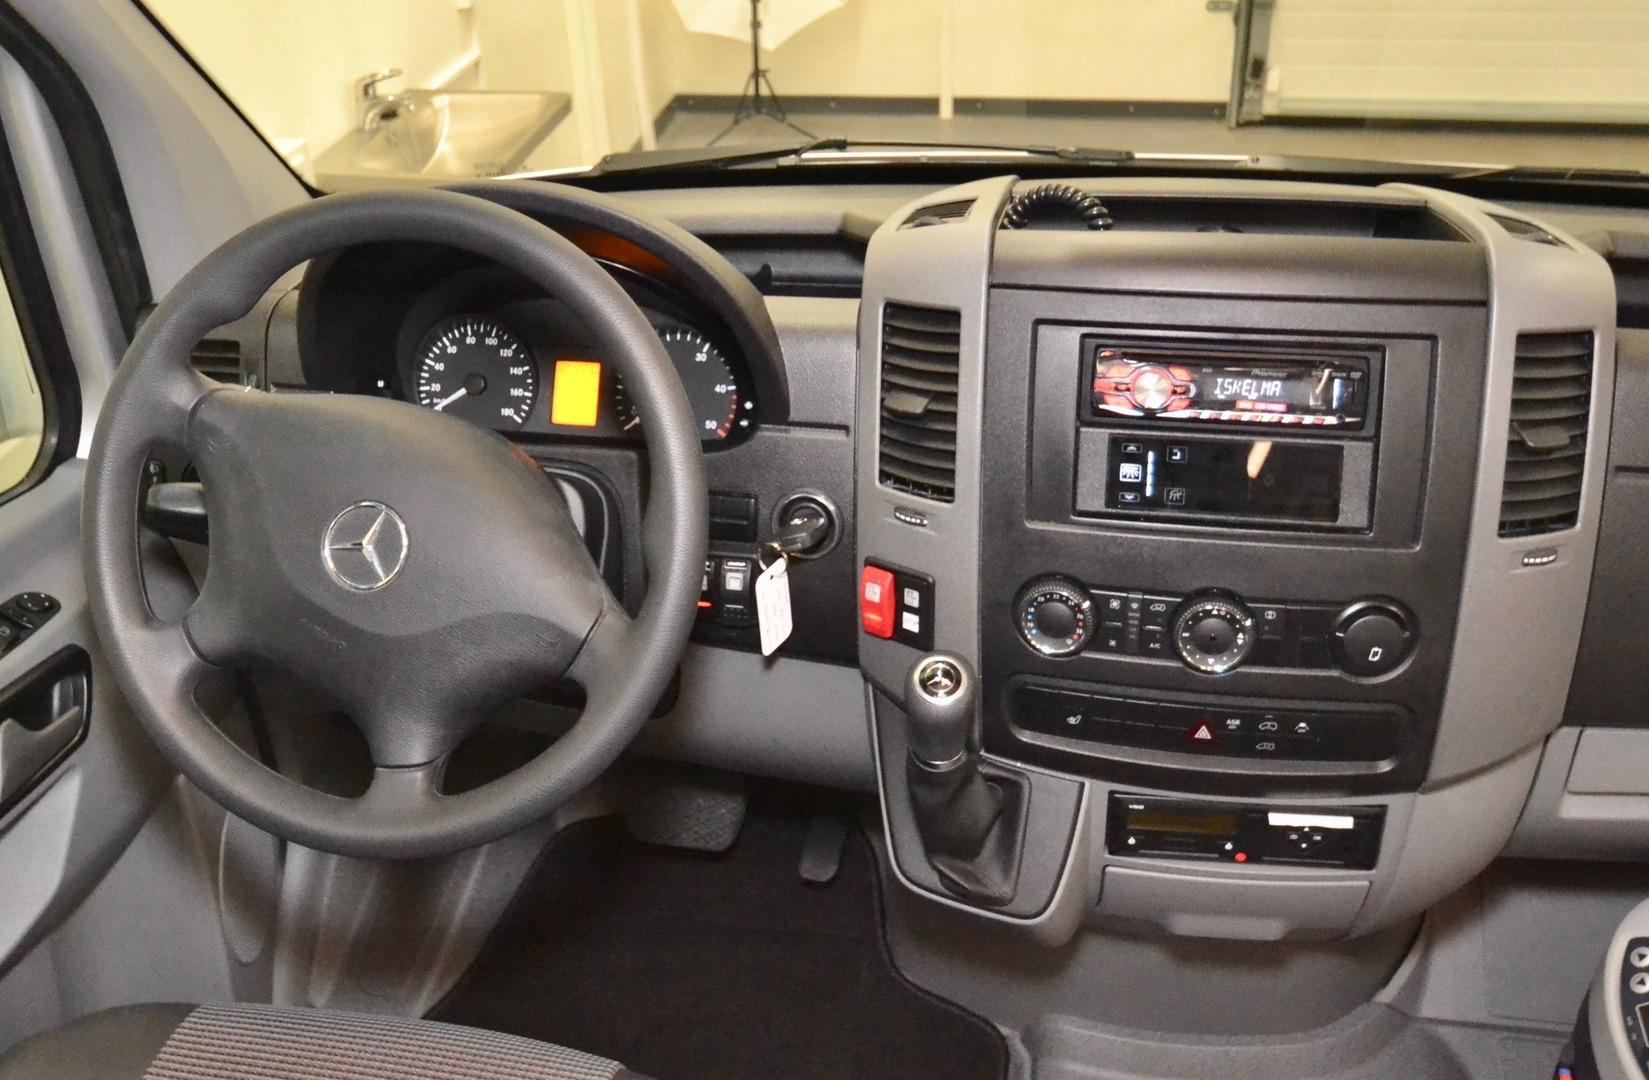 Mercedes-Benz Sprinter, 519 CDI Automet Tourist